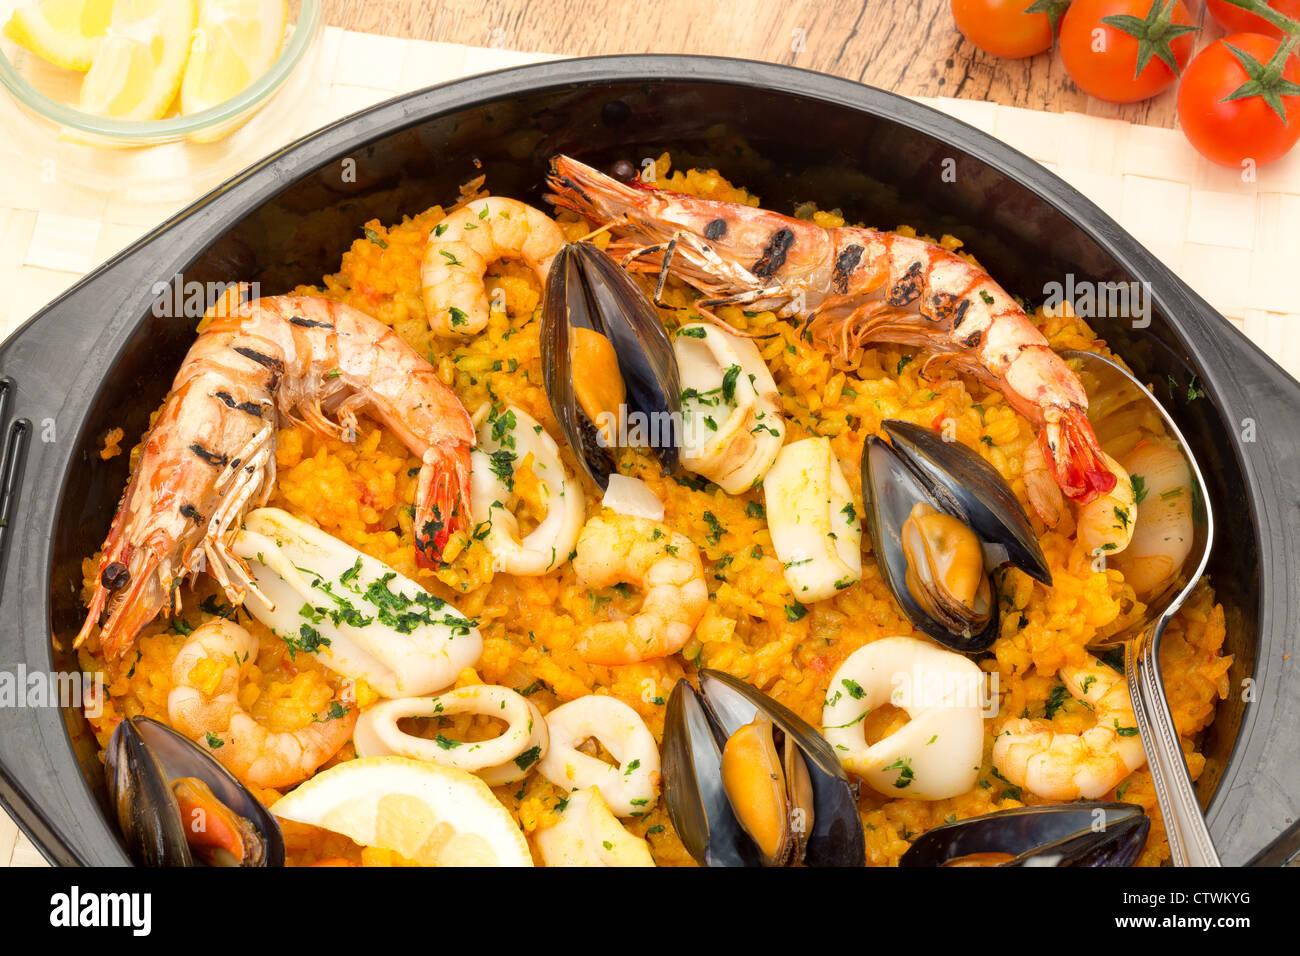 Seafood paella in a black paella pan - Stock Image